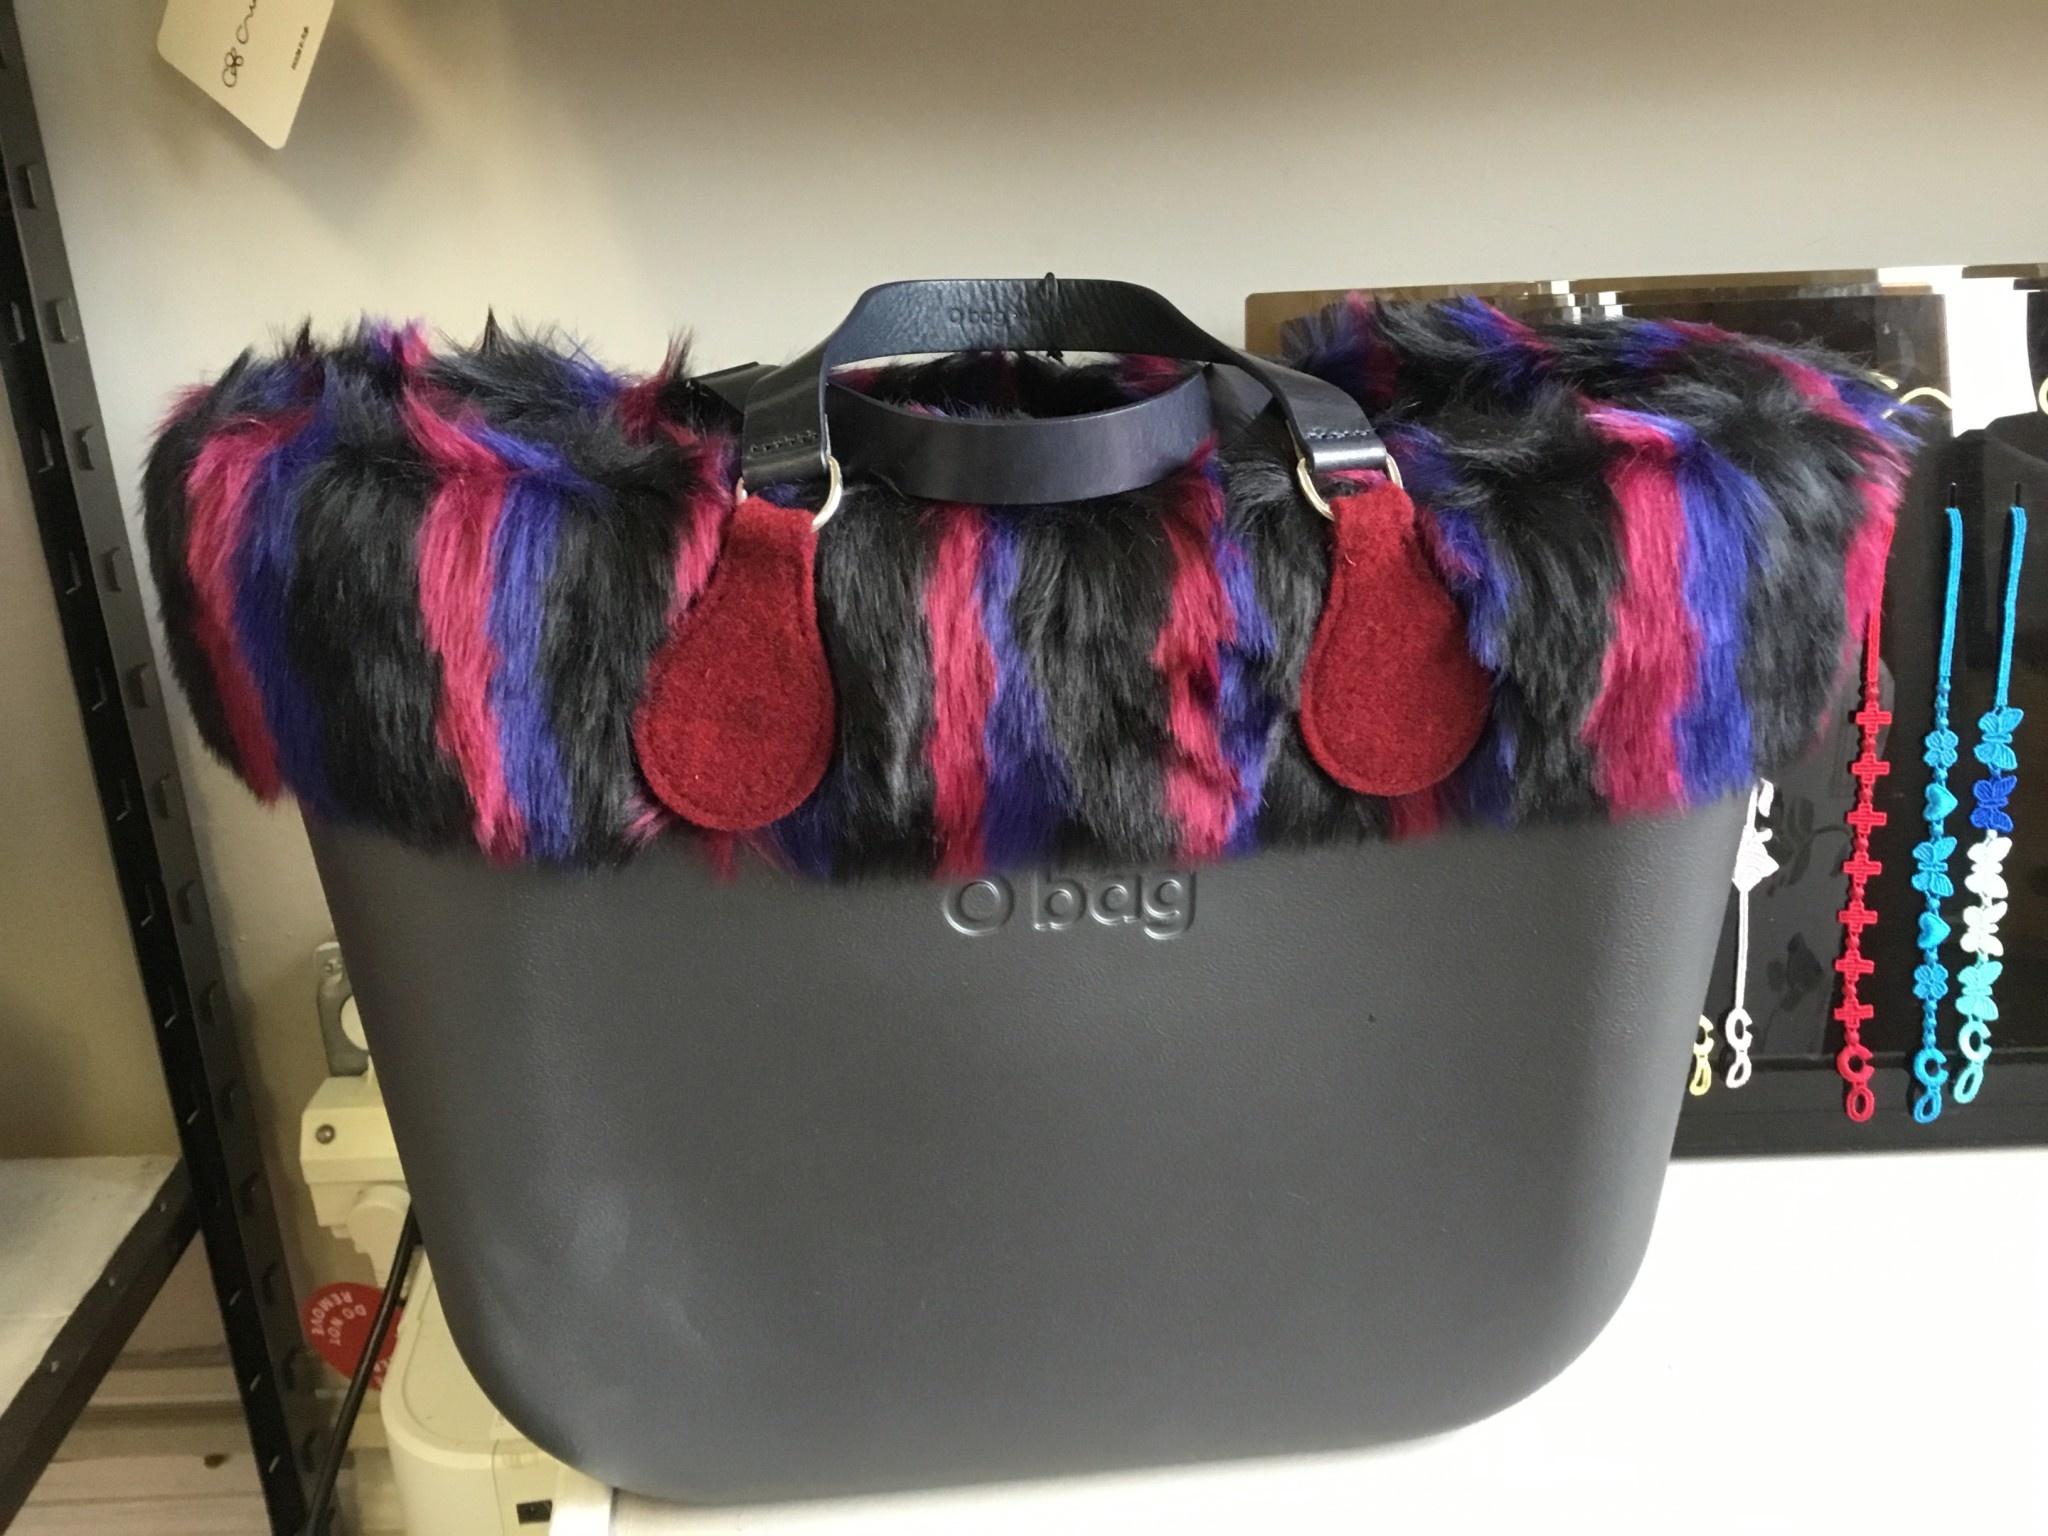 Obag - LG. Black - Black multistripe faux fur - short black felt end handle